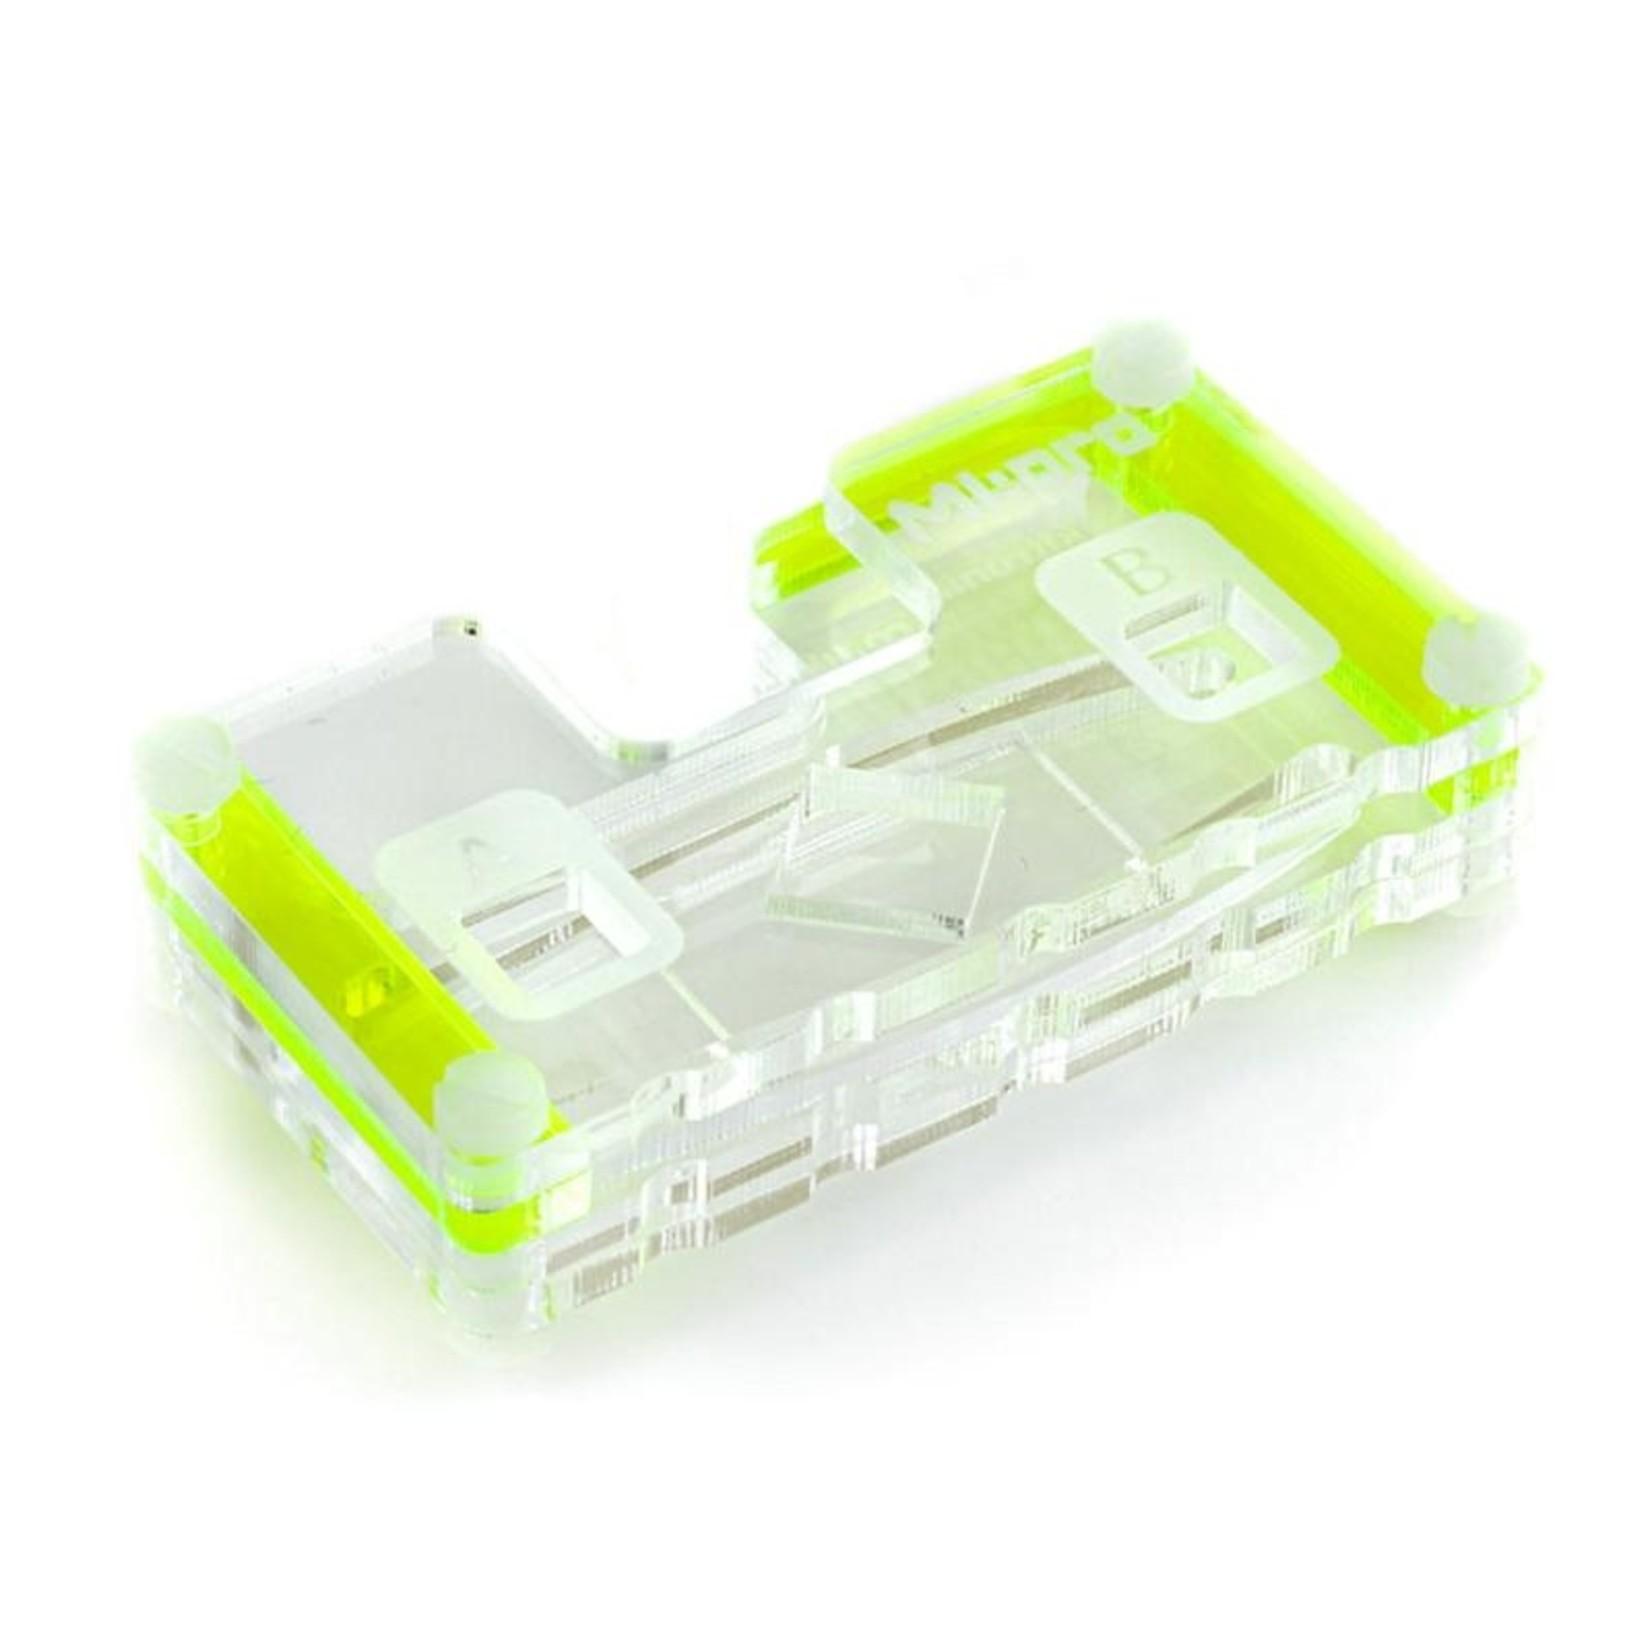 Kitronik MI:pro Protector Case for the BBC micro:bit V1 & V2 - Green